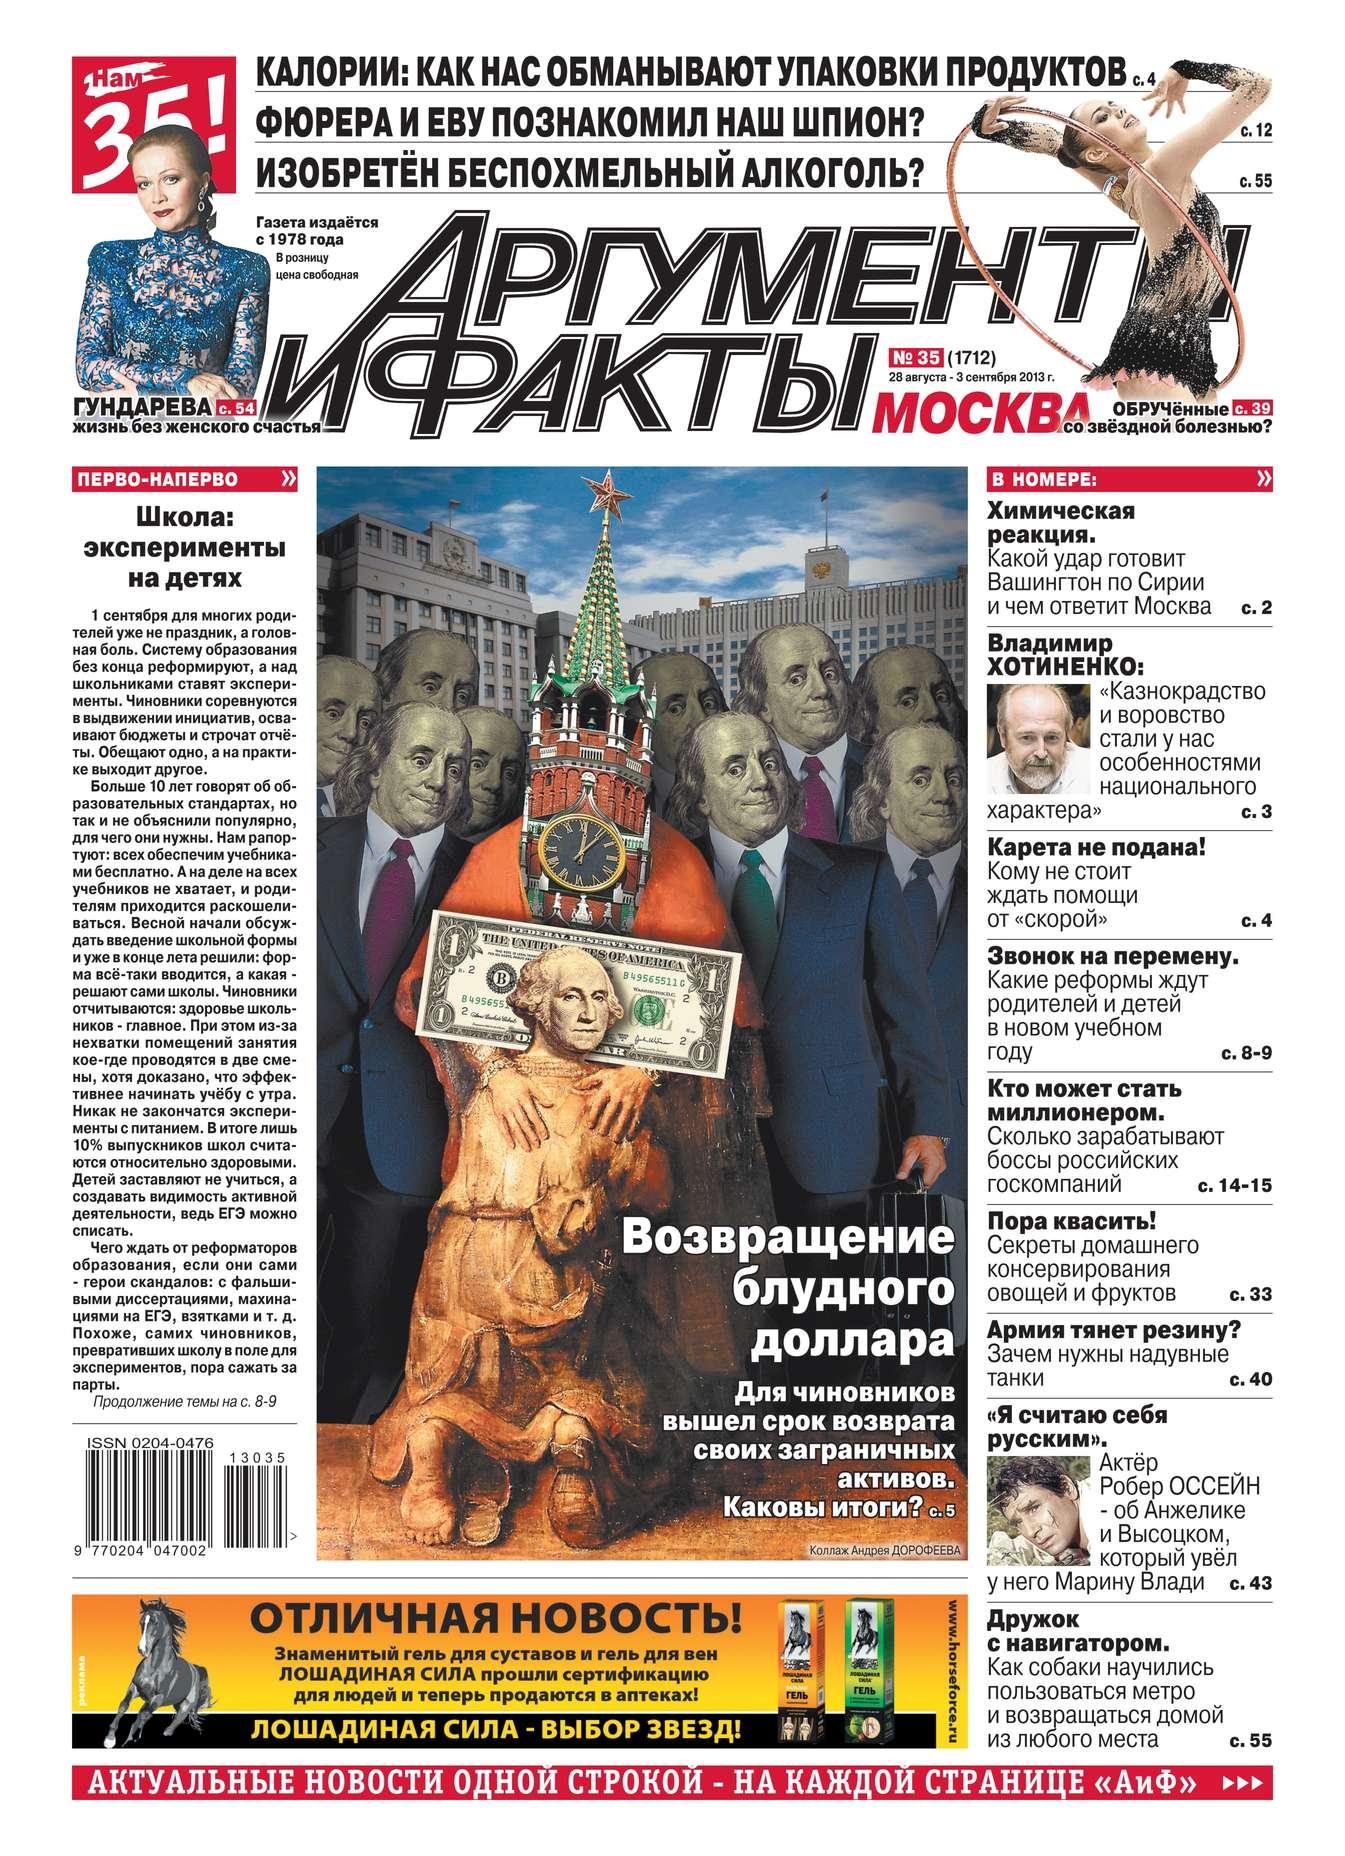 Редакция журнала Аиф. Про Кухню Аргументы и факты 35-2013